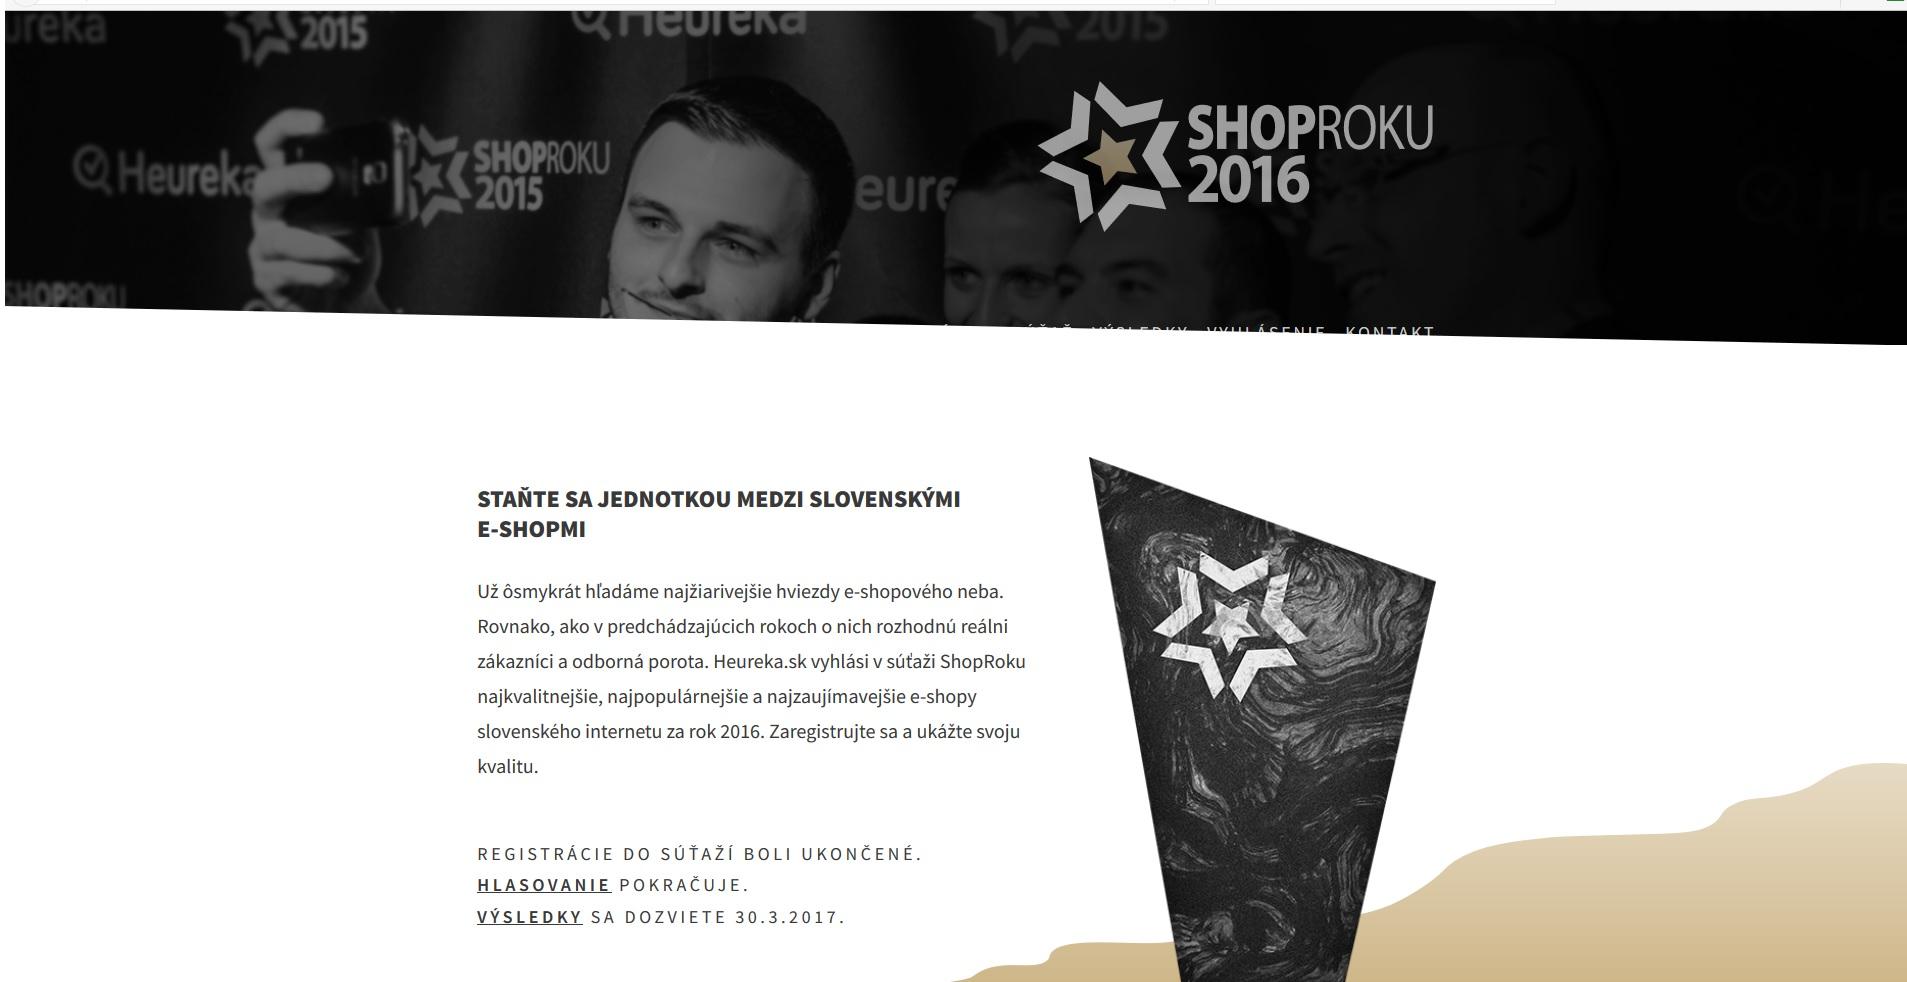 c88cd92cba82 ShopRoku 2016  Posledná možnosť zahlasovať za najlepší e-shop -  Instoreslovakia